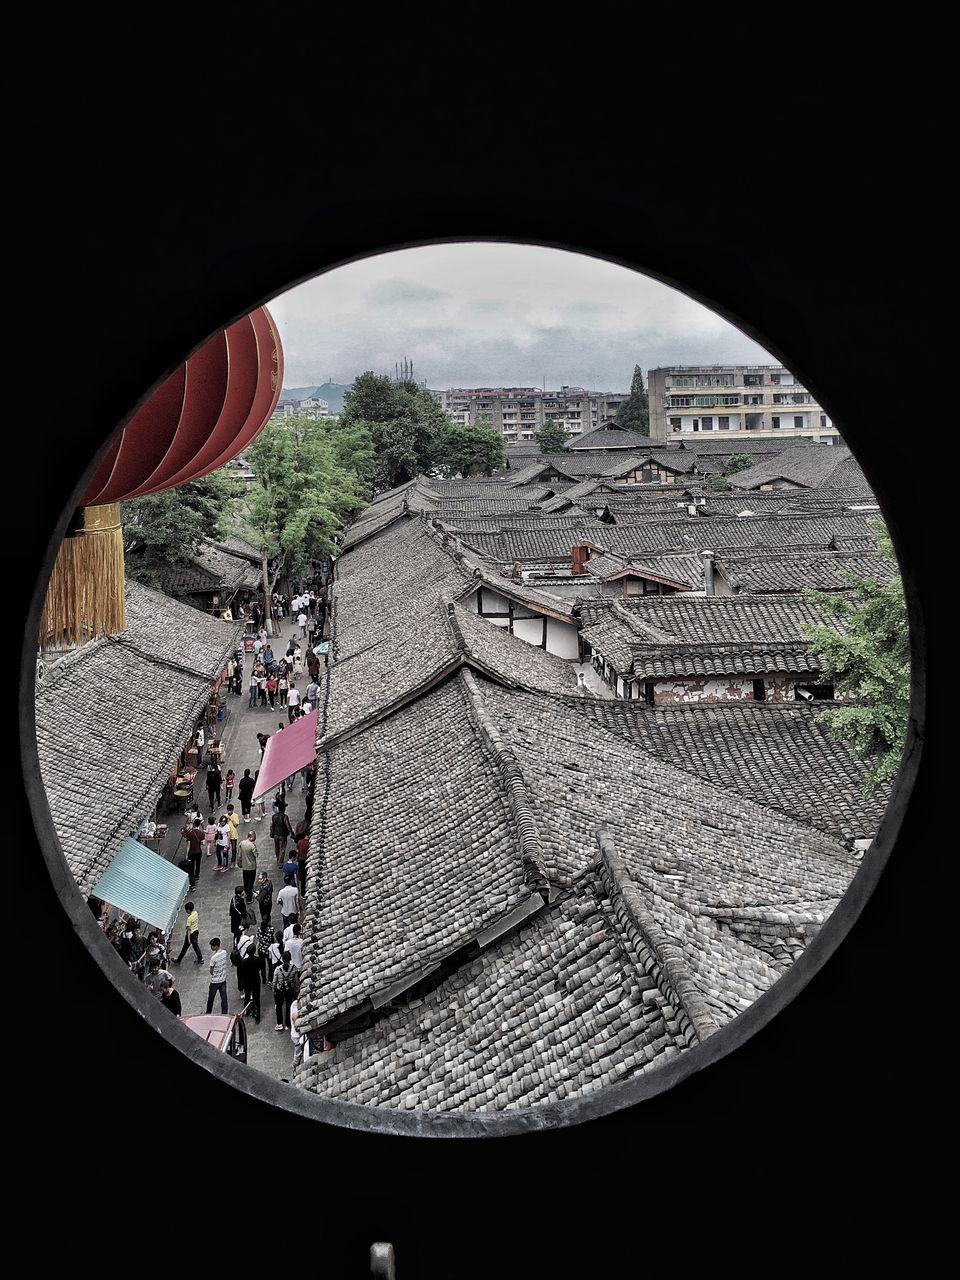 纪录片《中国通史》观后感 3篇 【电视节目观后感】